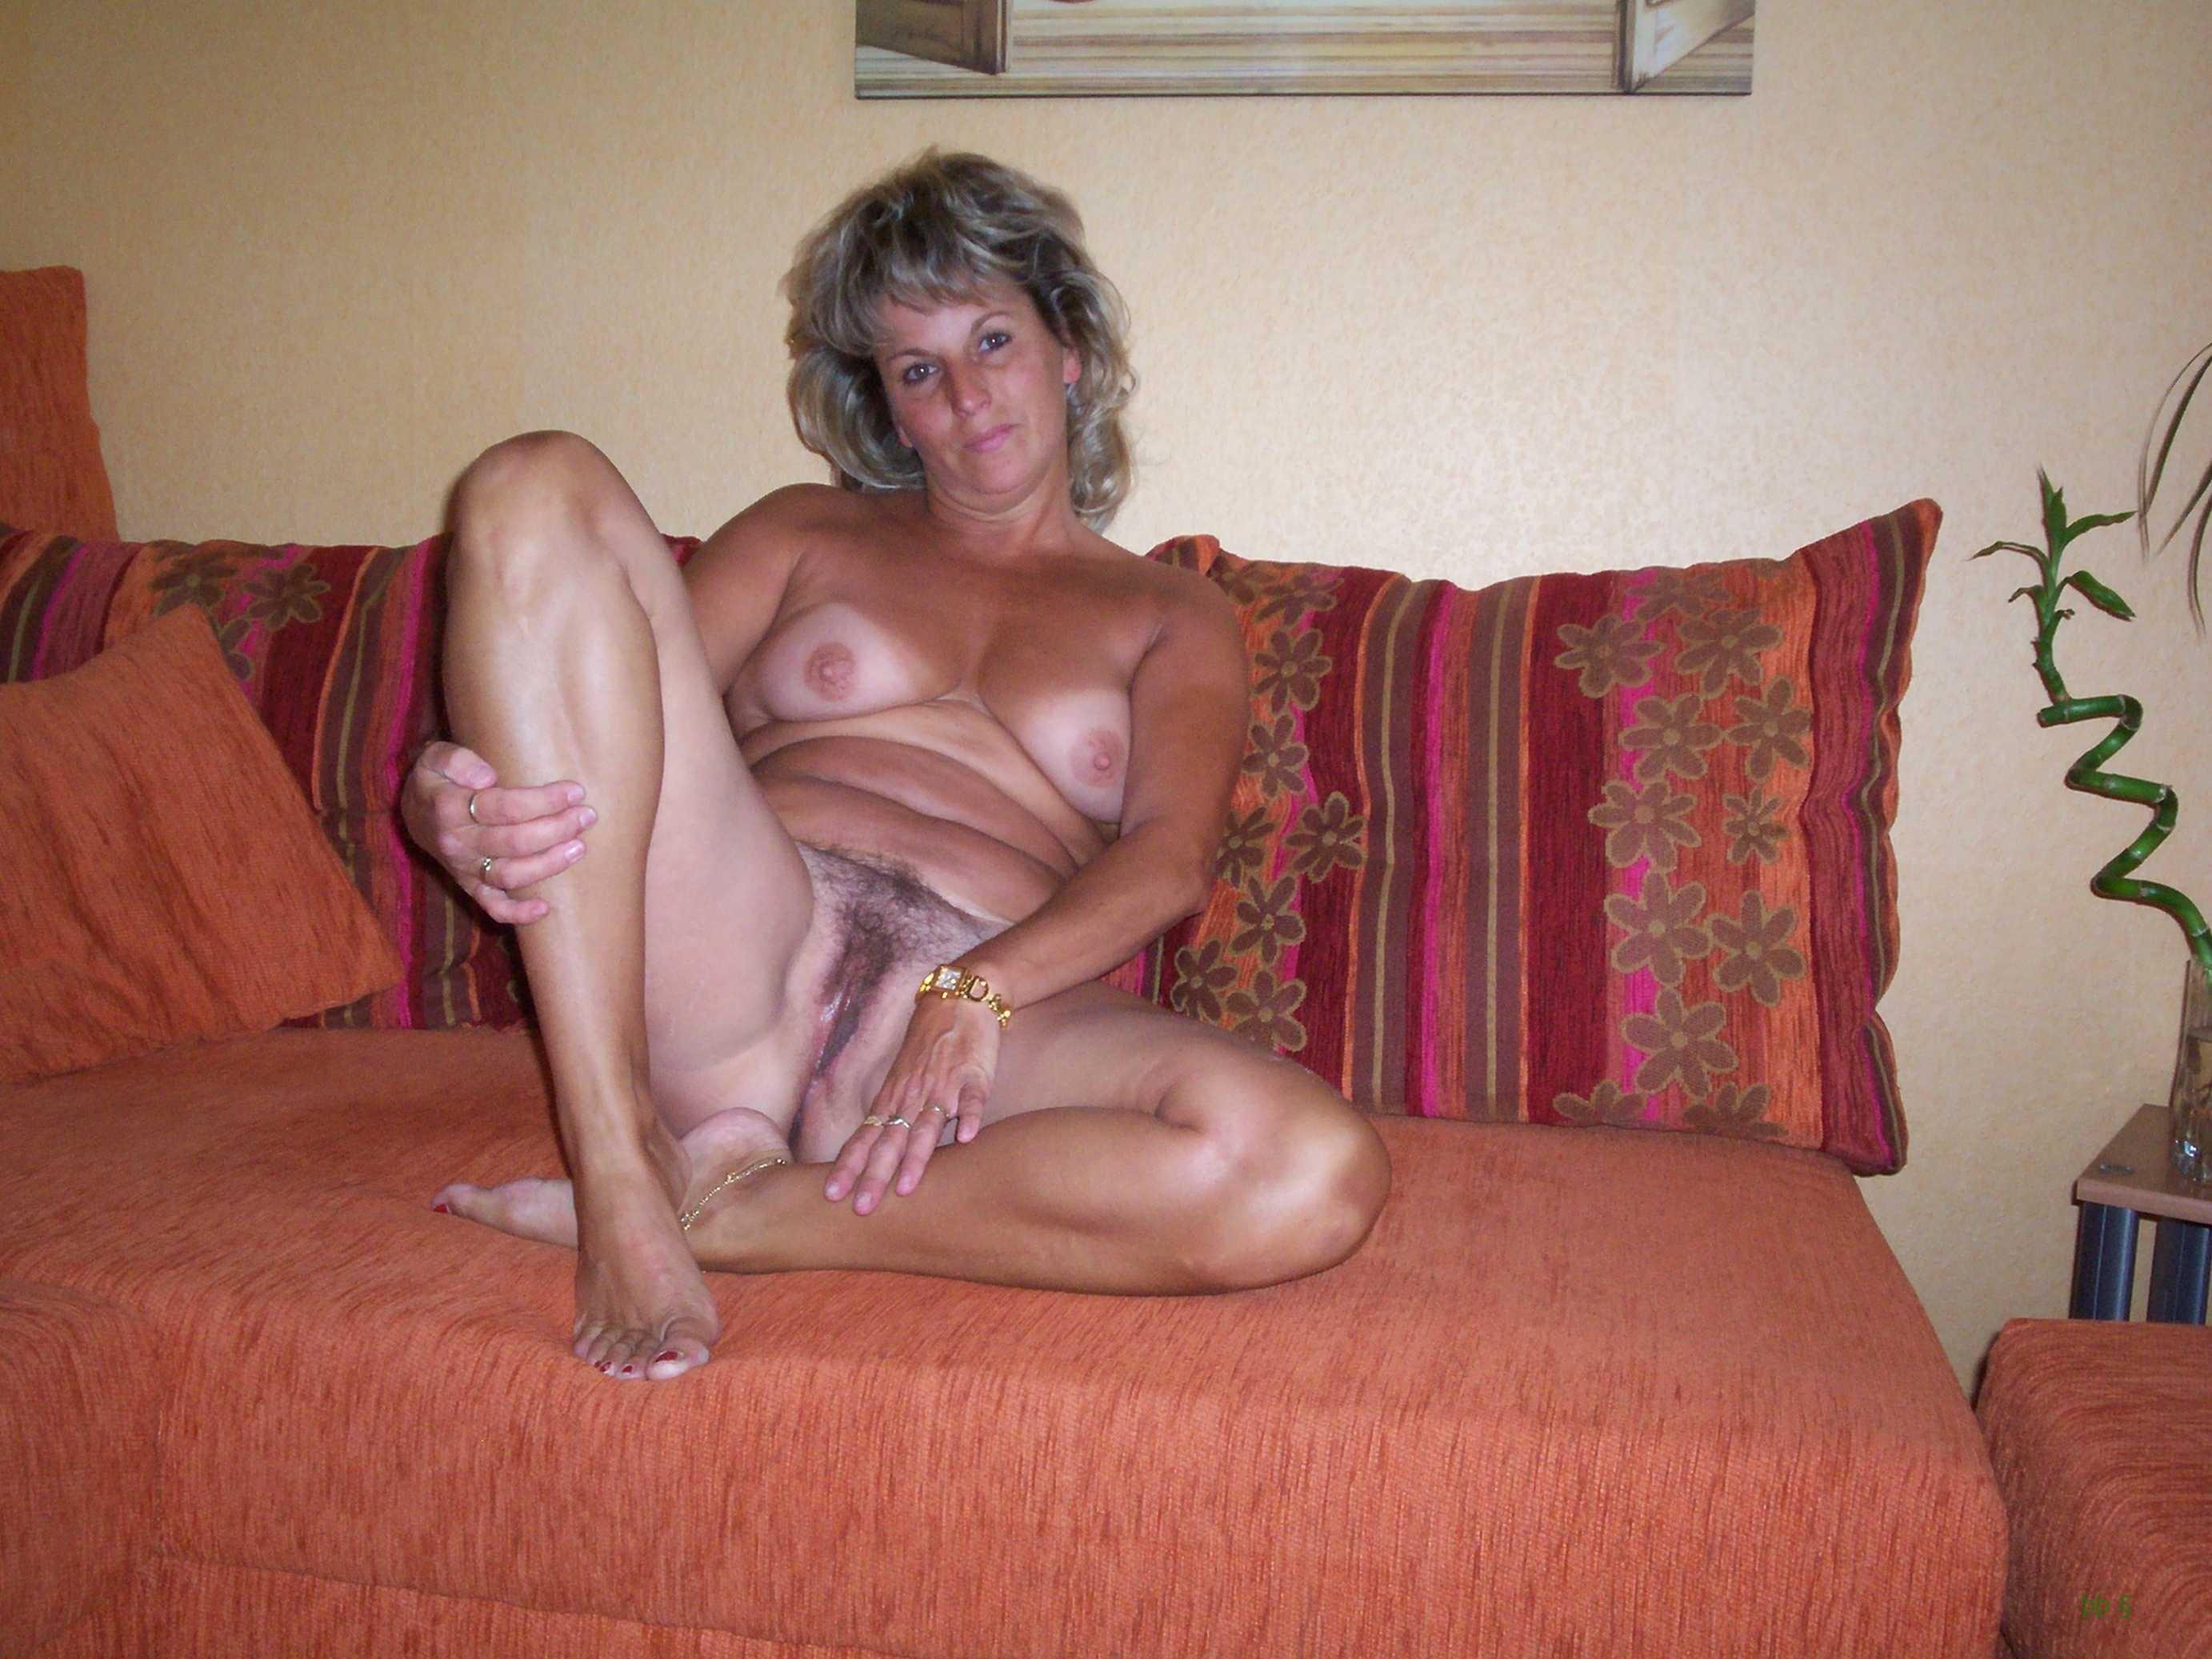 Фото обнаженных женщин в возрасте смотреть онлайн 14 фотография